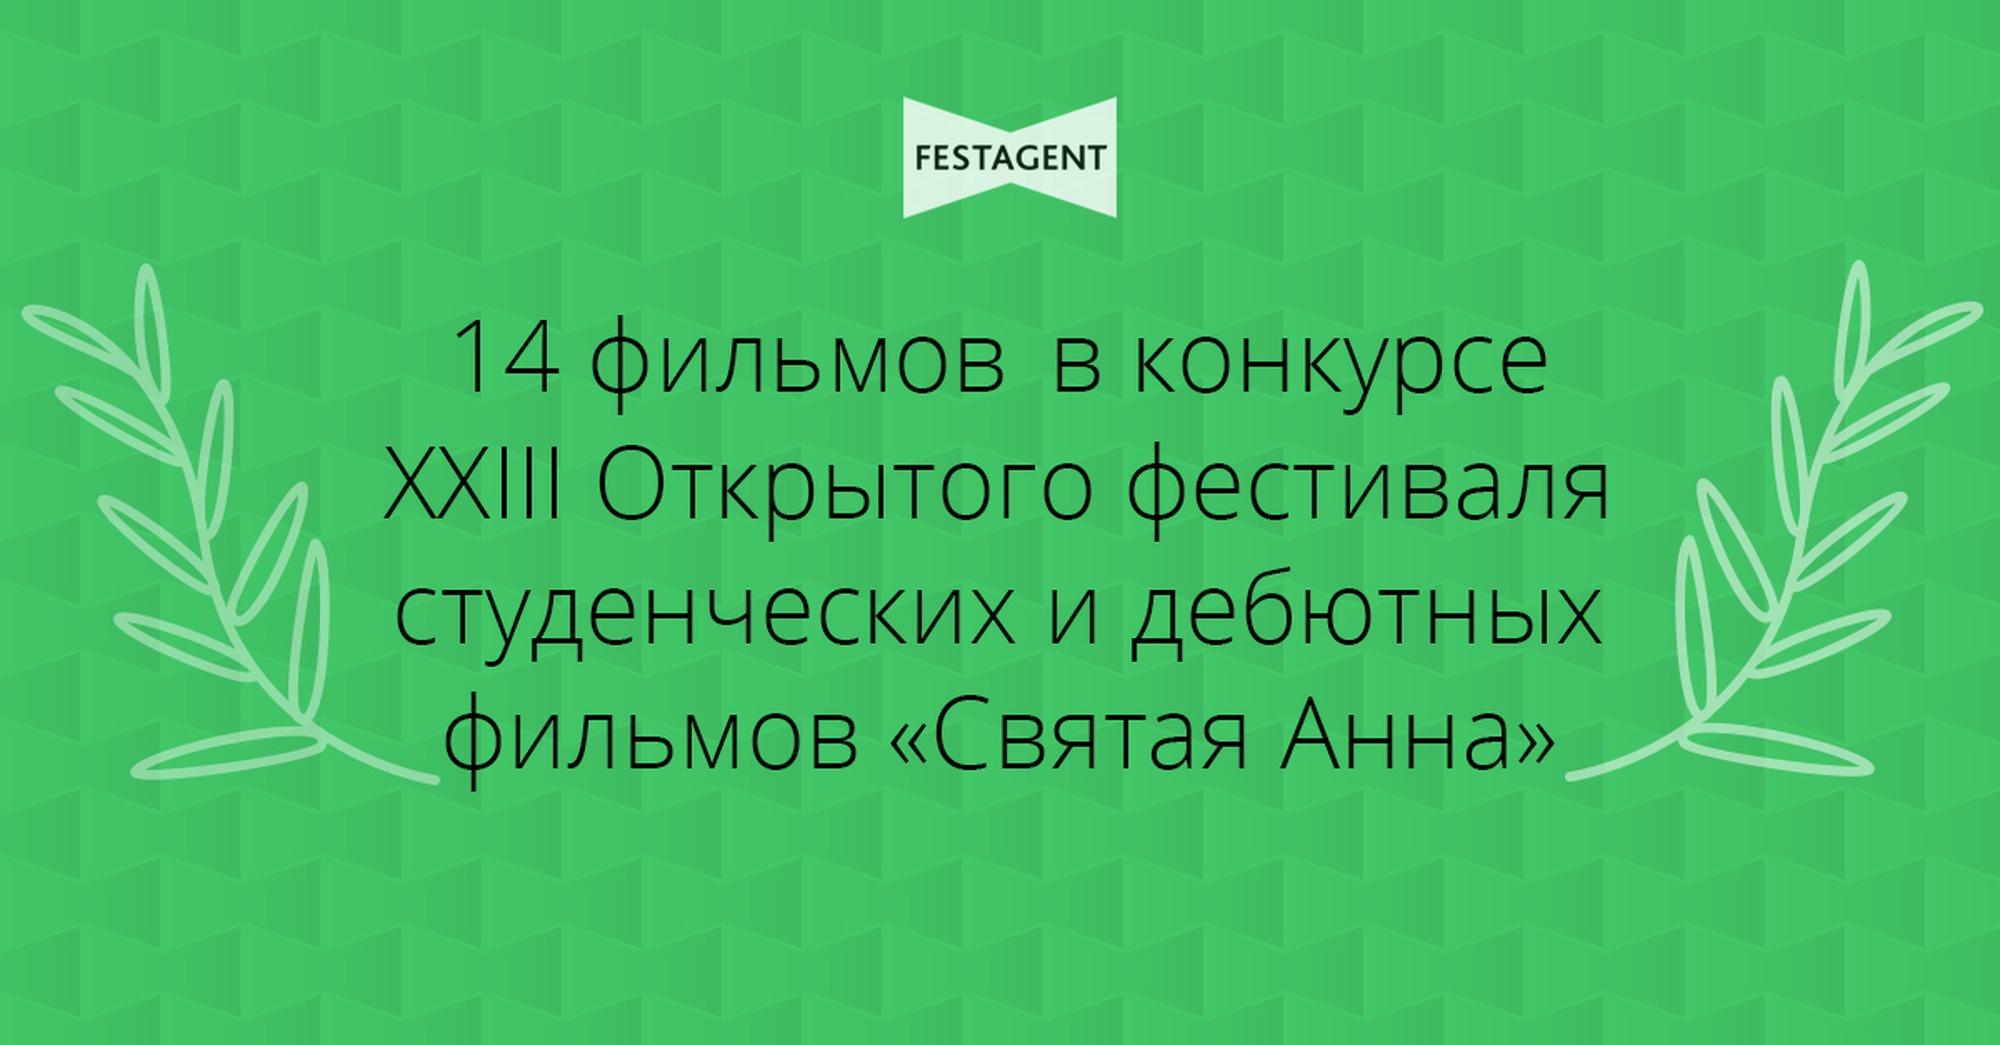 931803e6b823c98496f17557bc7687aab5ea23b1